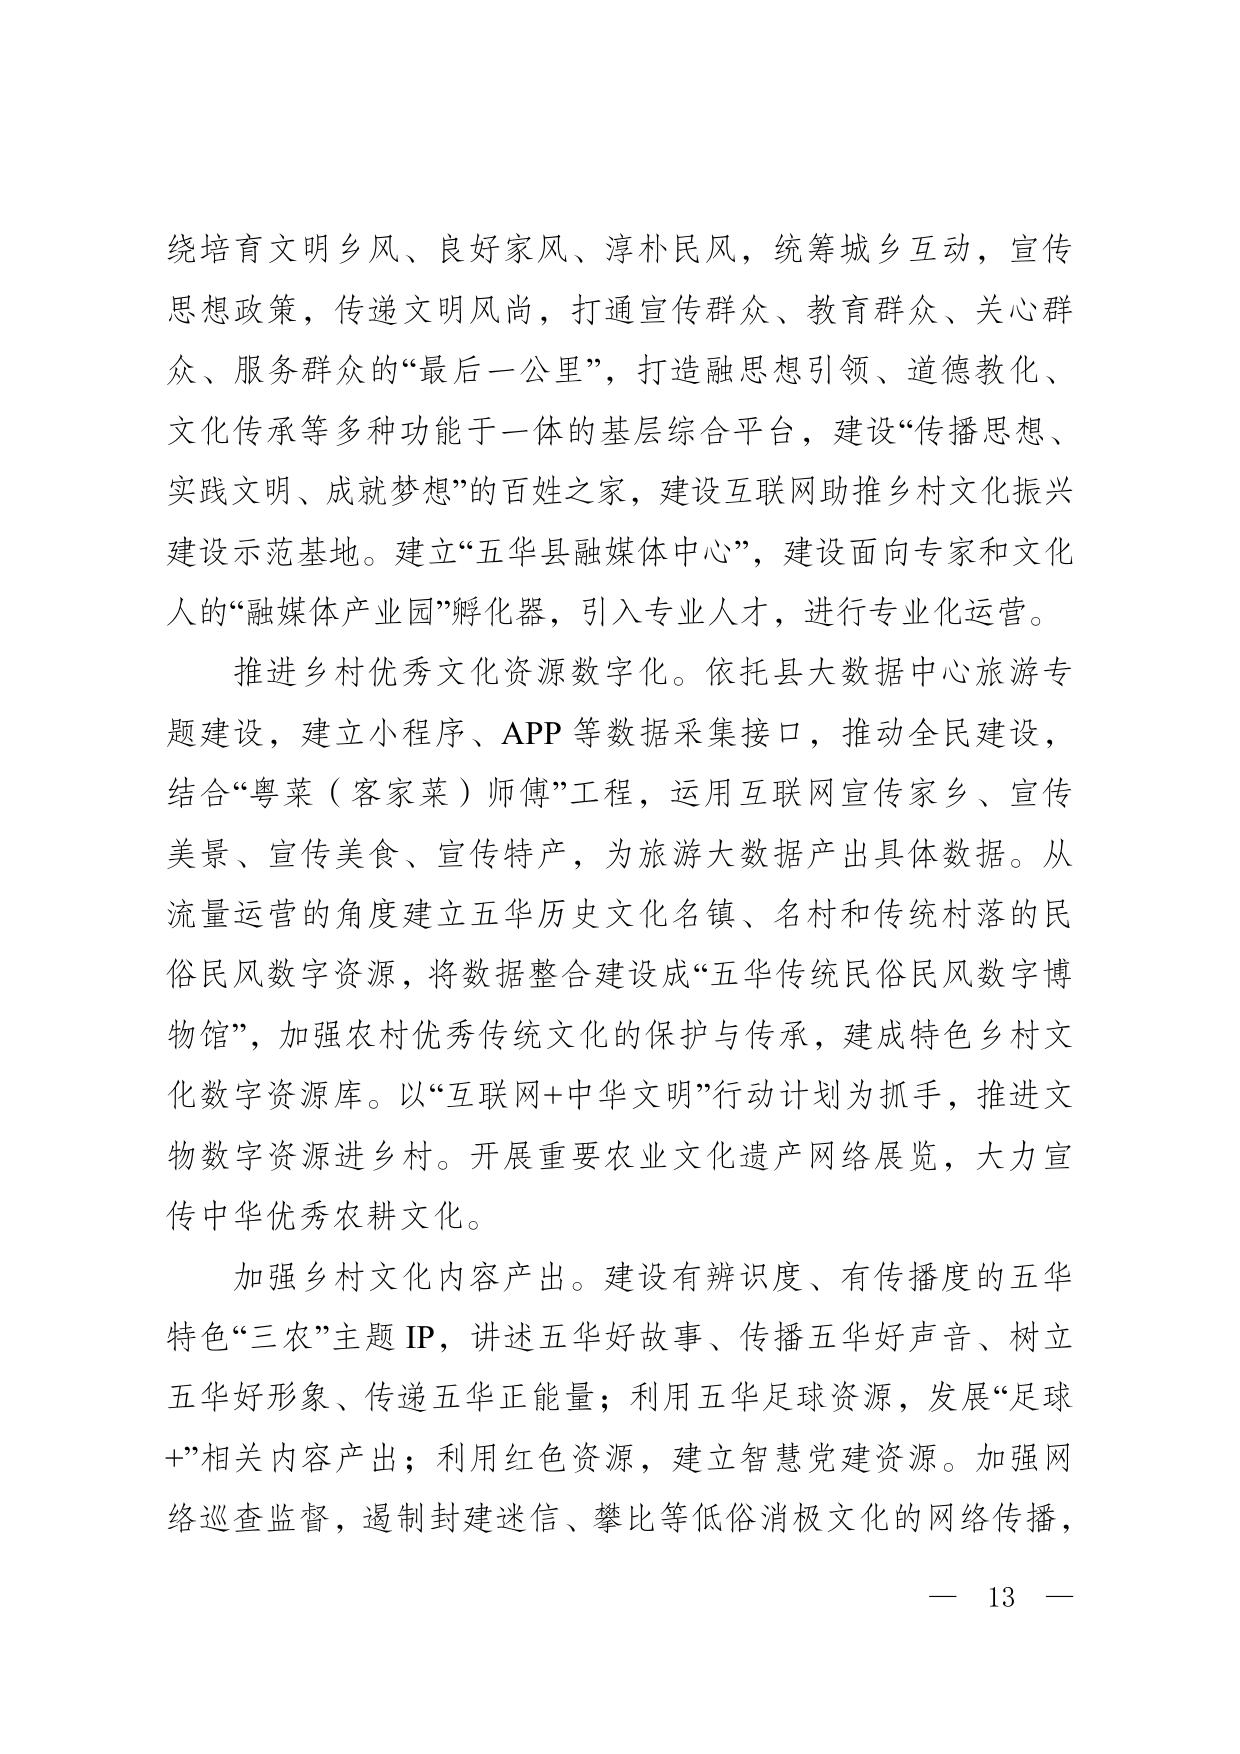 华办函〔2020〕5号关于印发《五华县数字乡村发展总体规划(2020—2025年)》的通知0012.jpg